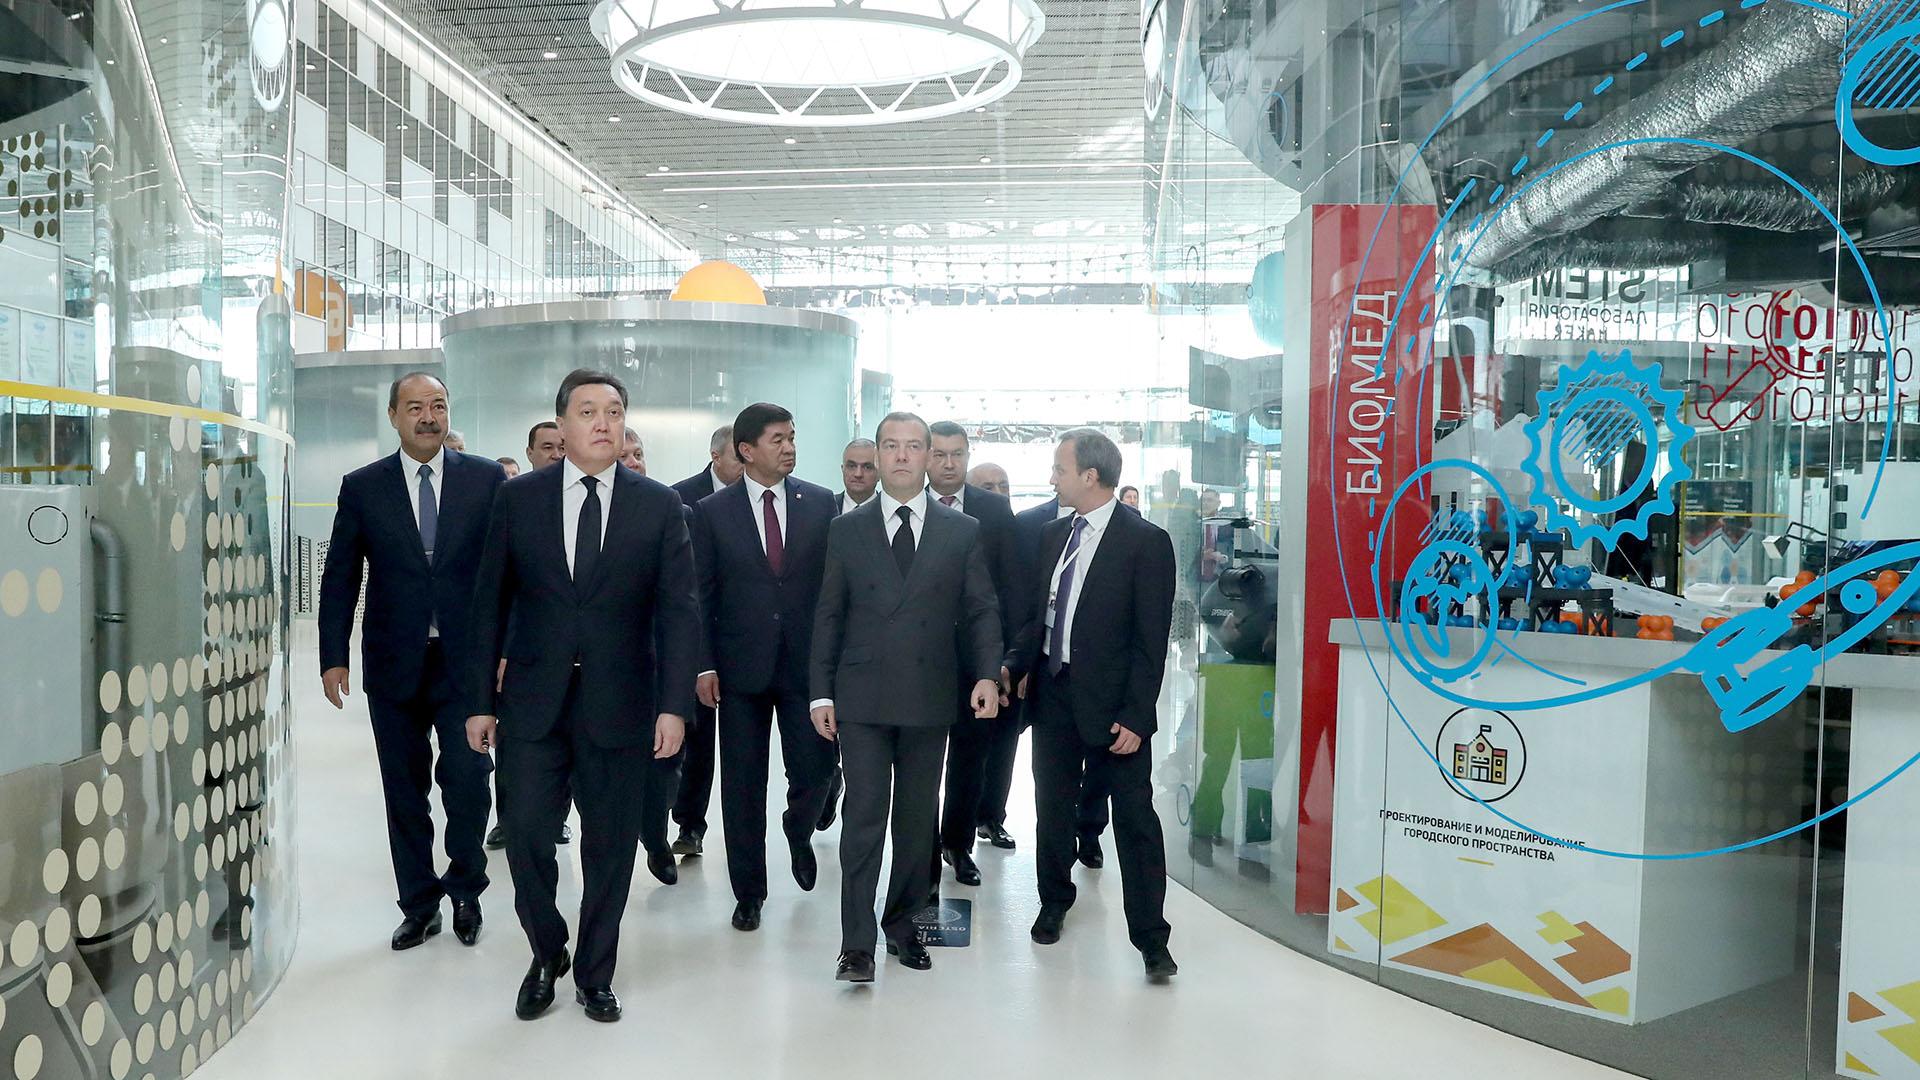 Аскар Мамин принял участие в заседаниях СНГ и ЕАЭС и провел переговоры с Дмитрием Медведевым